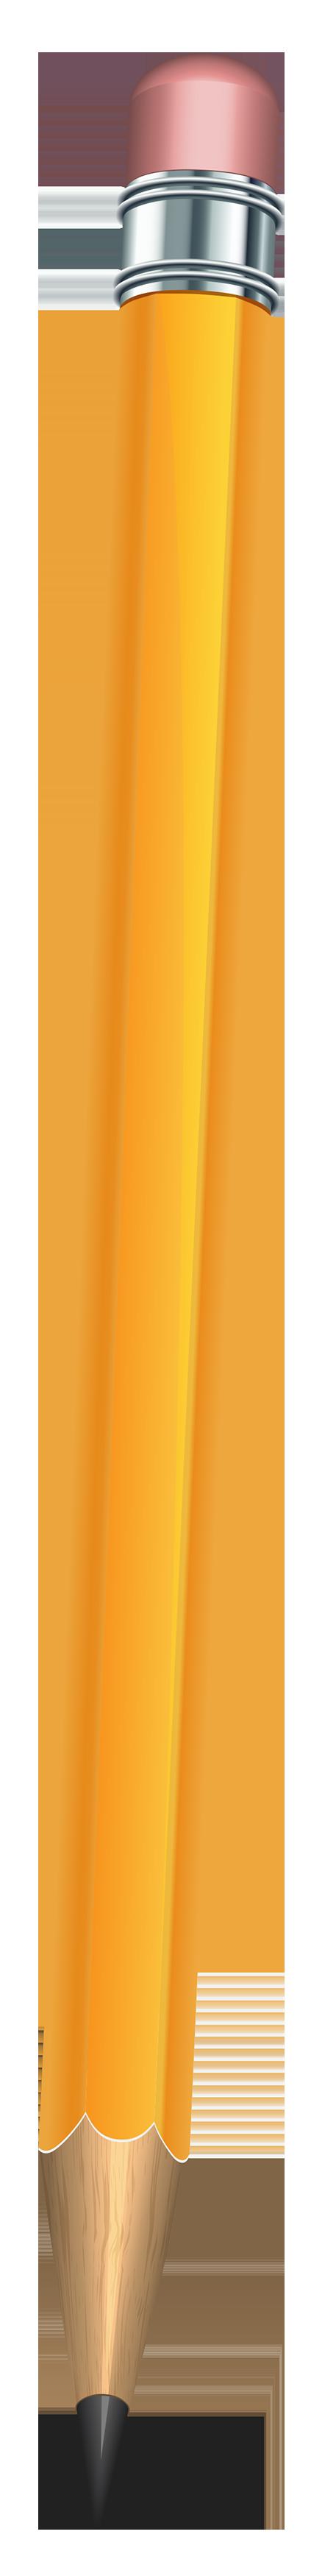 Clipart pencil school. Yellow png clip art